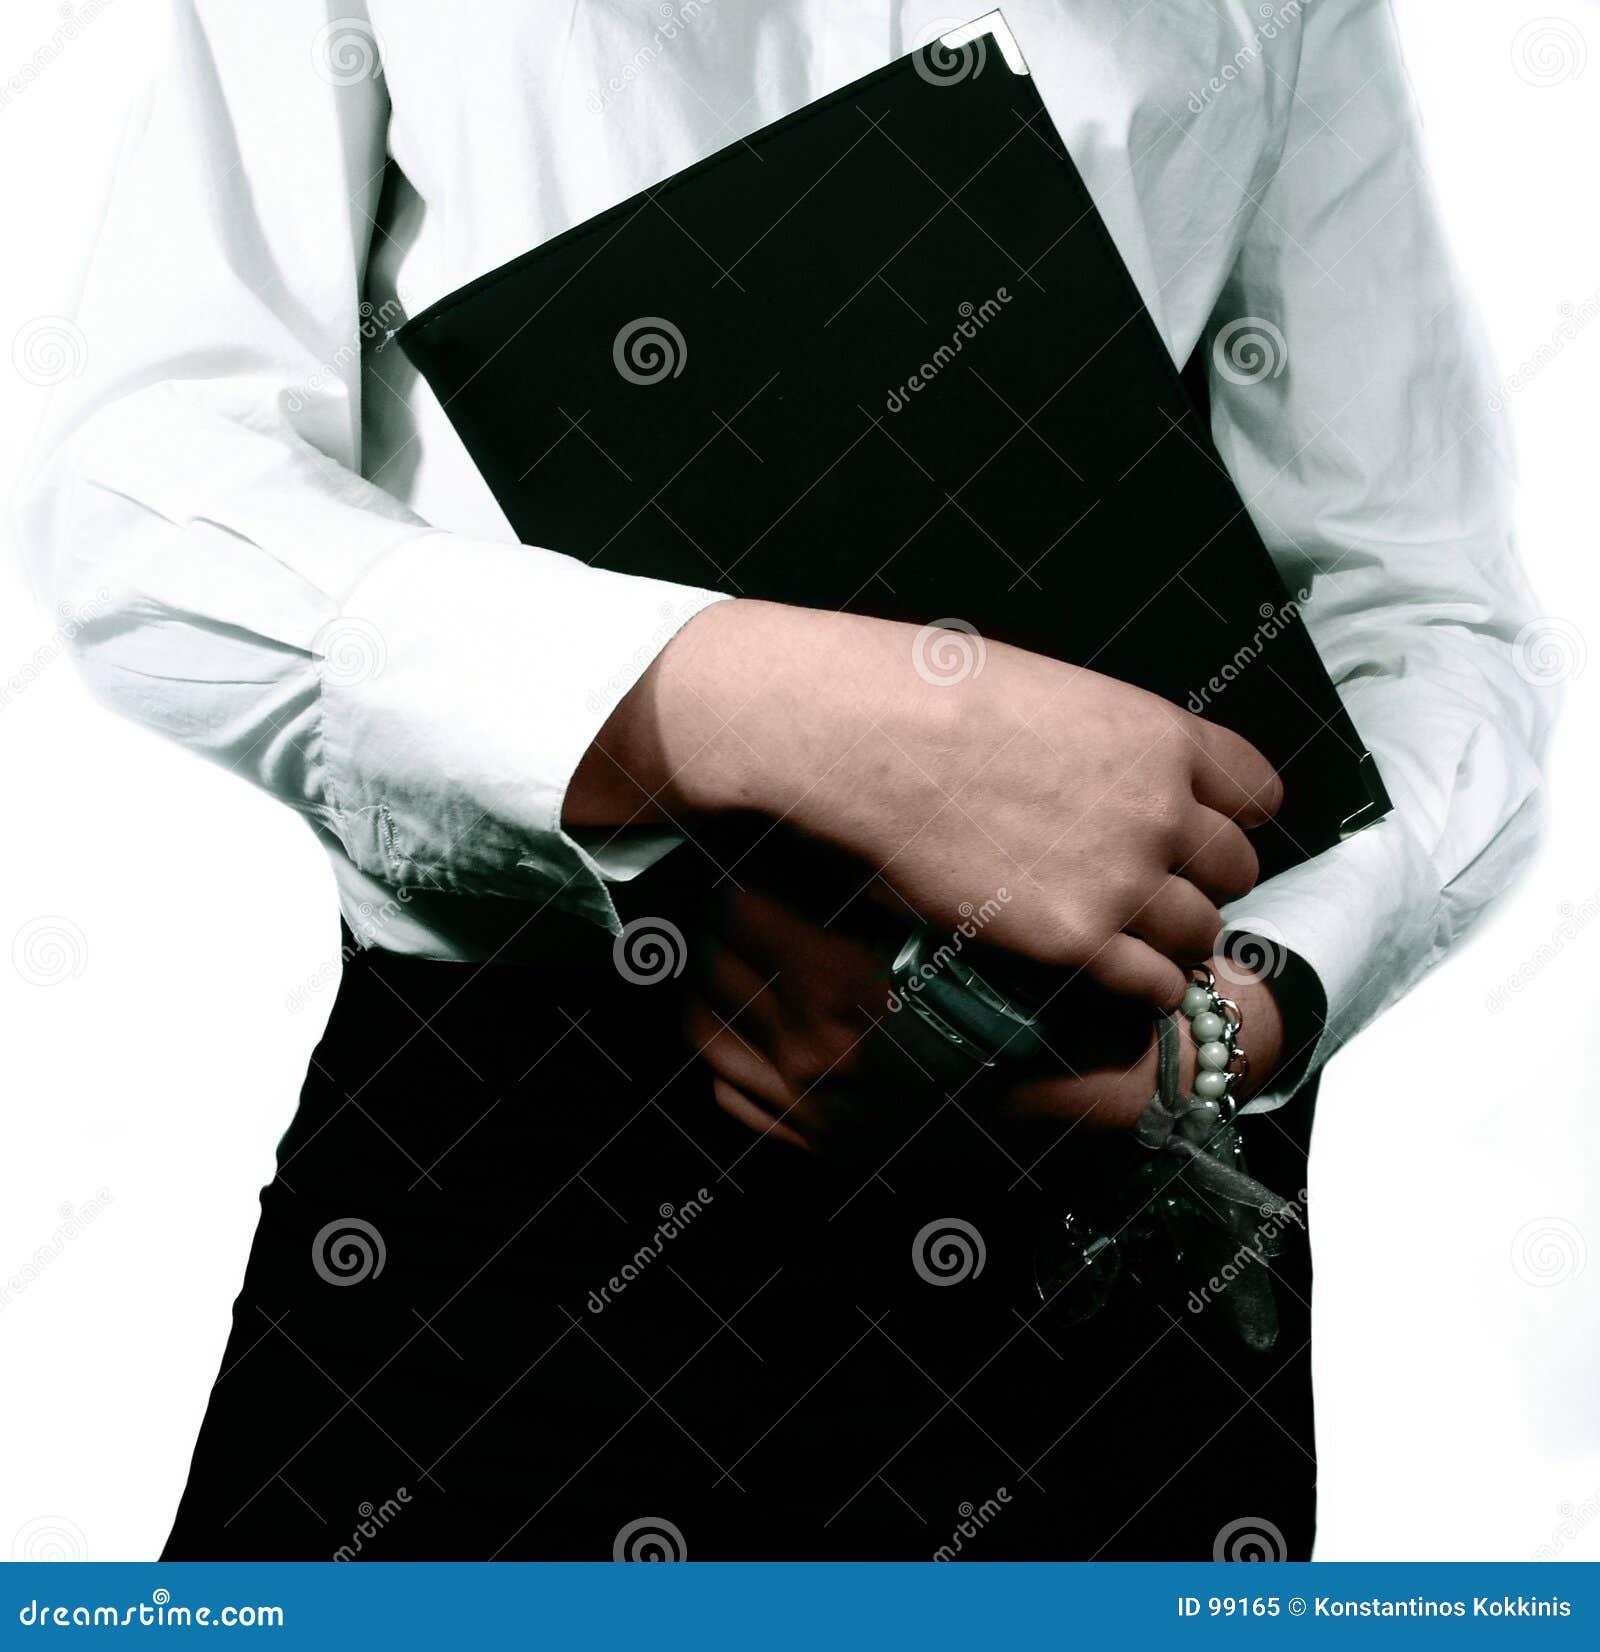 Segretaria/donna di affari